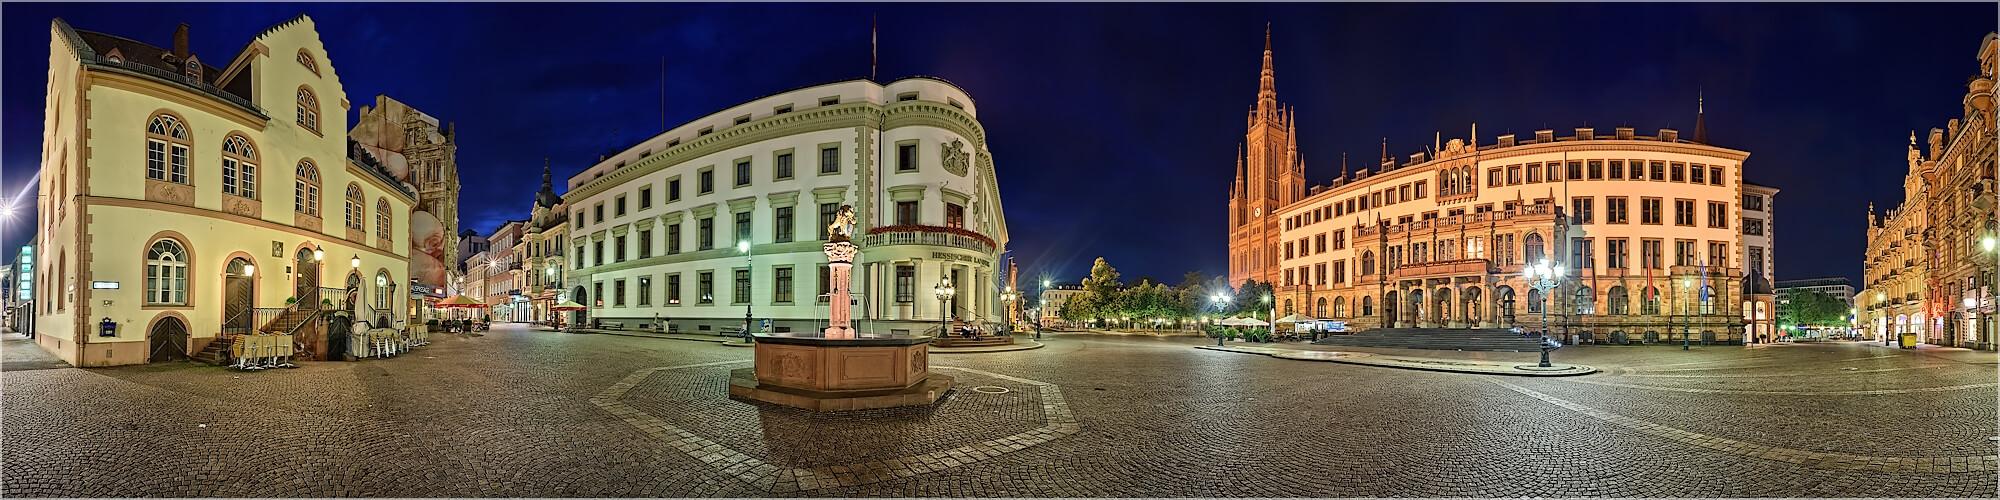 Panoramabild Wiesbaden Marktplatz und Landtag